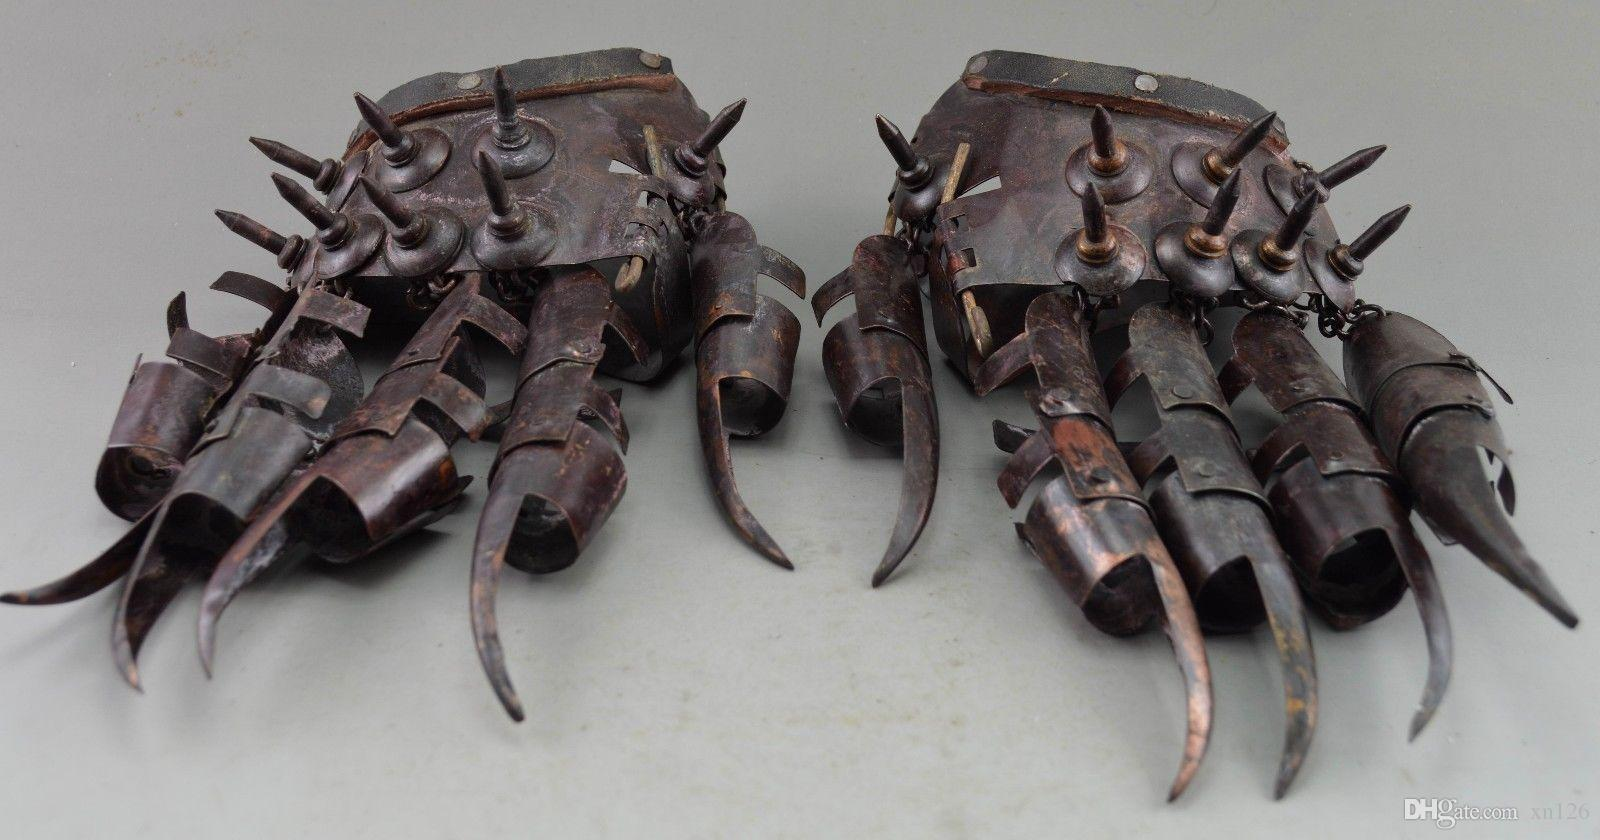 Древние Предметы Коллекционирования Украшали Старые Медные Кованые Защитные Перчатки Во Время Войны